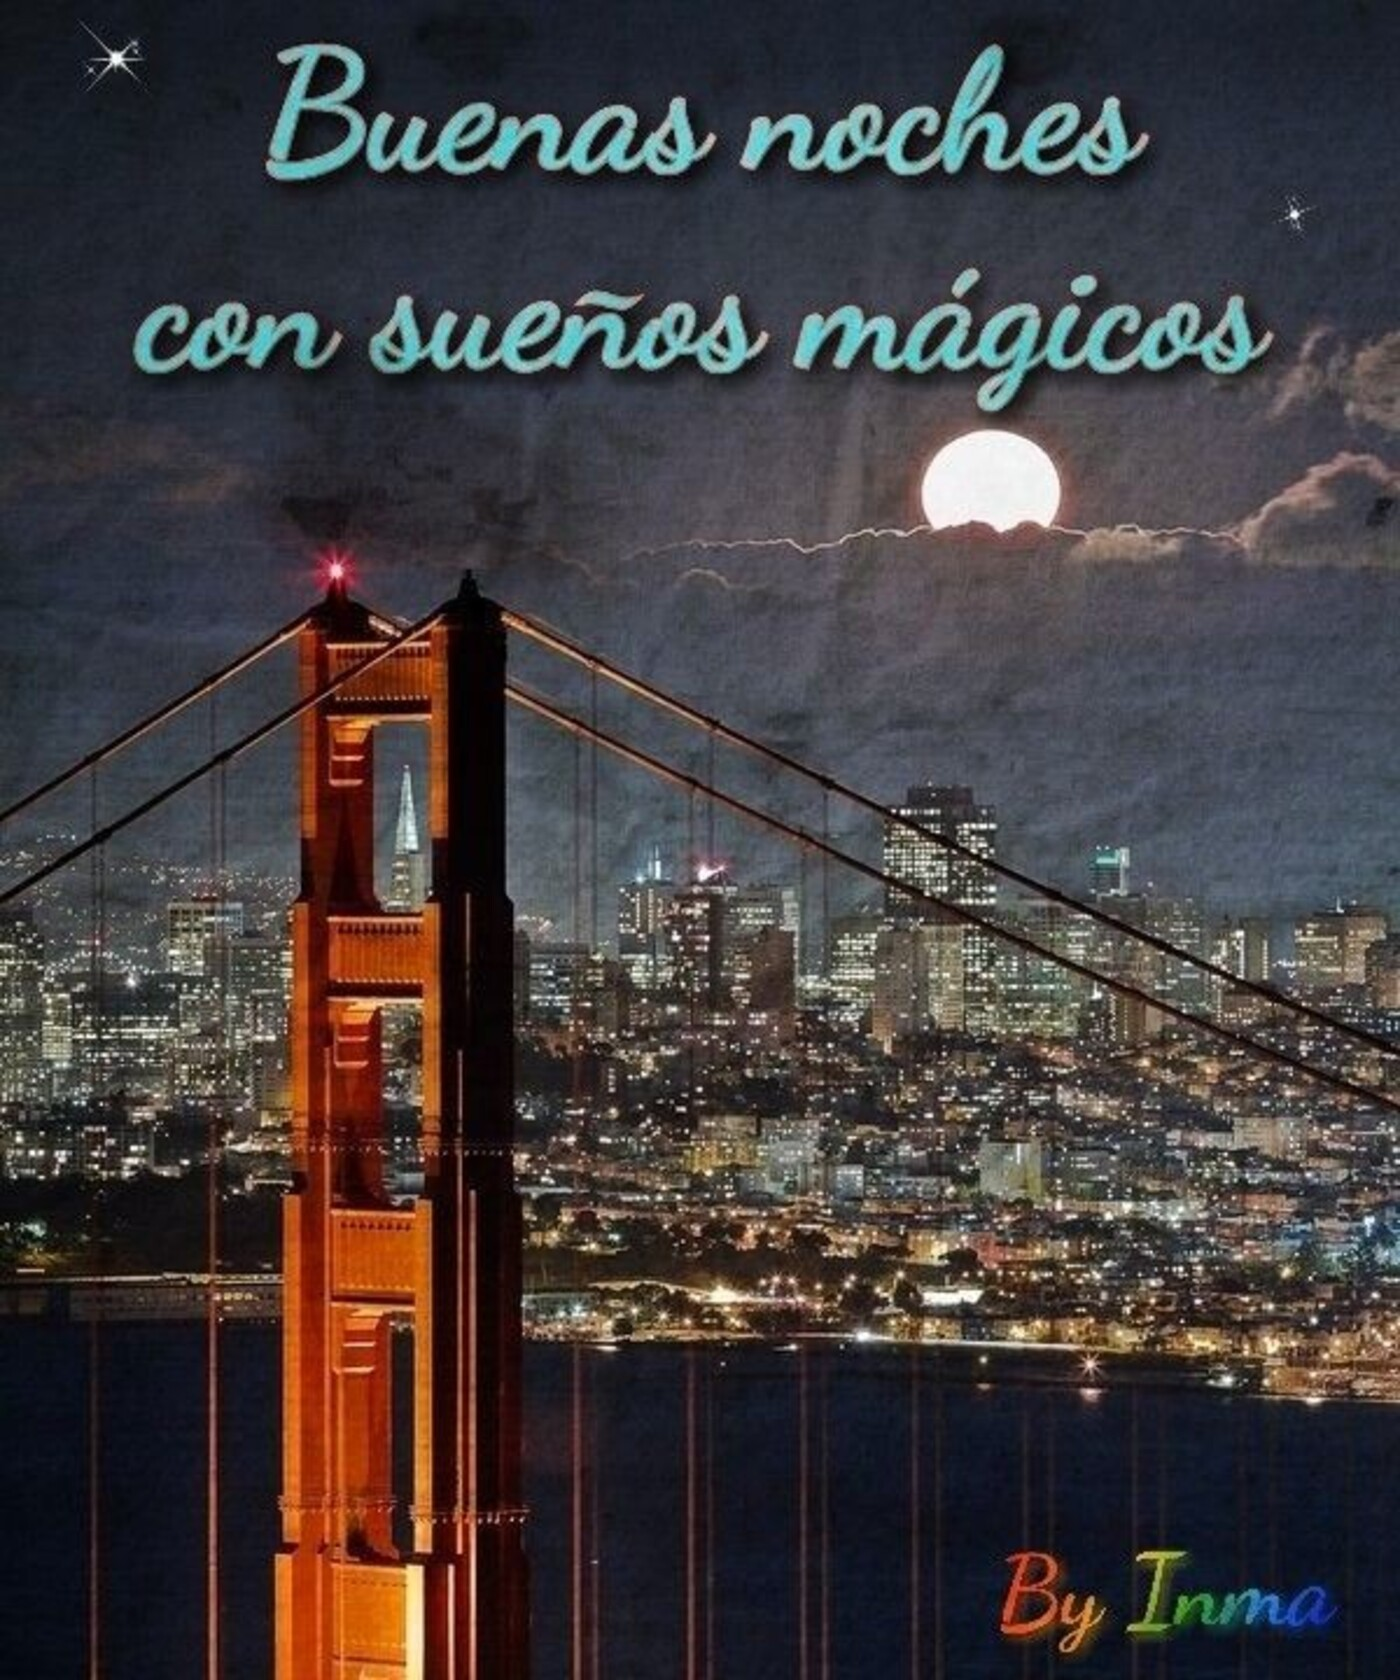 Buenas noches con sueños magicos